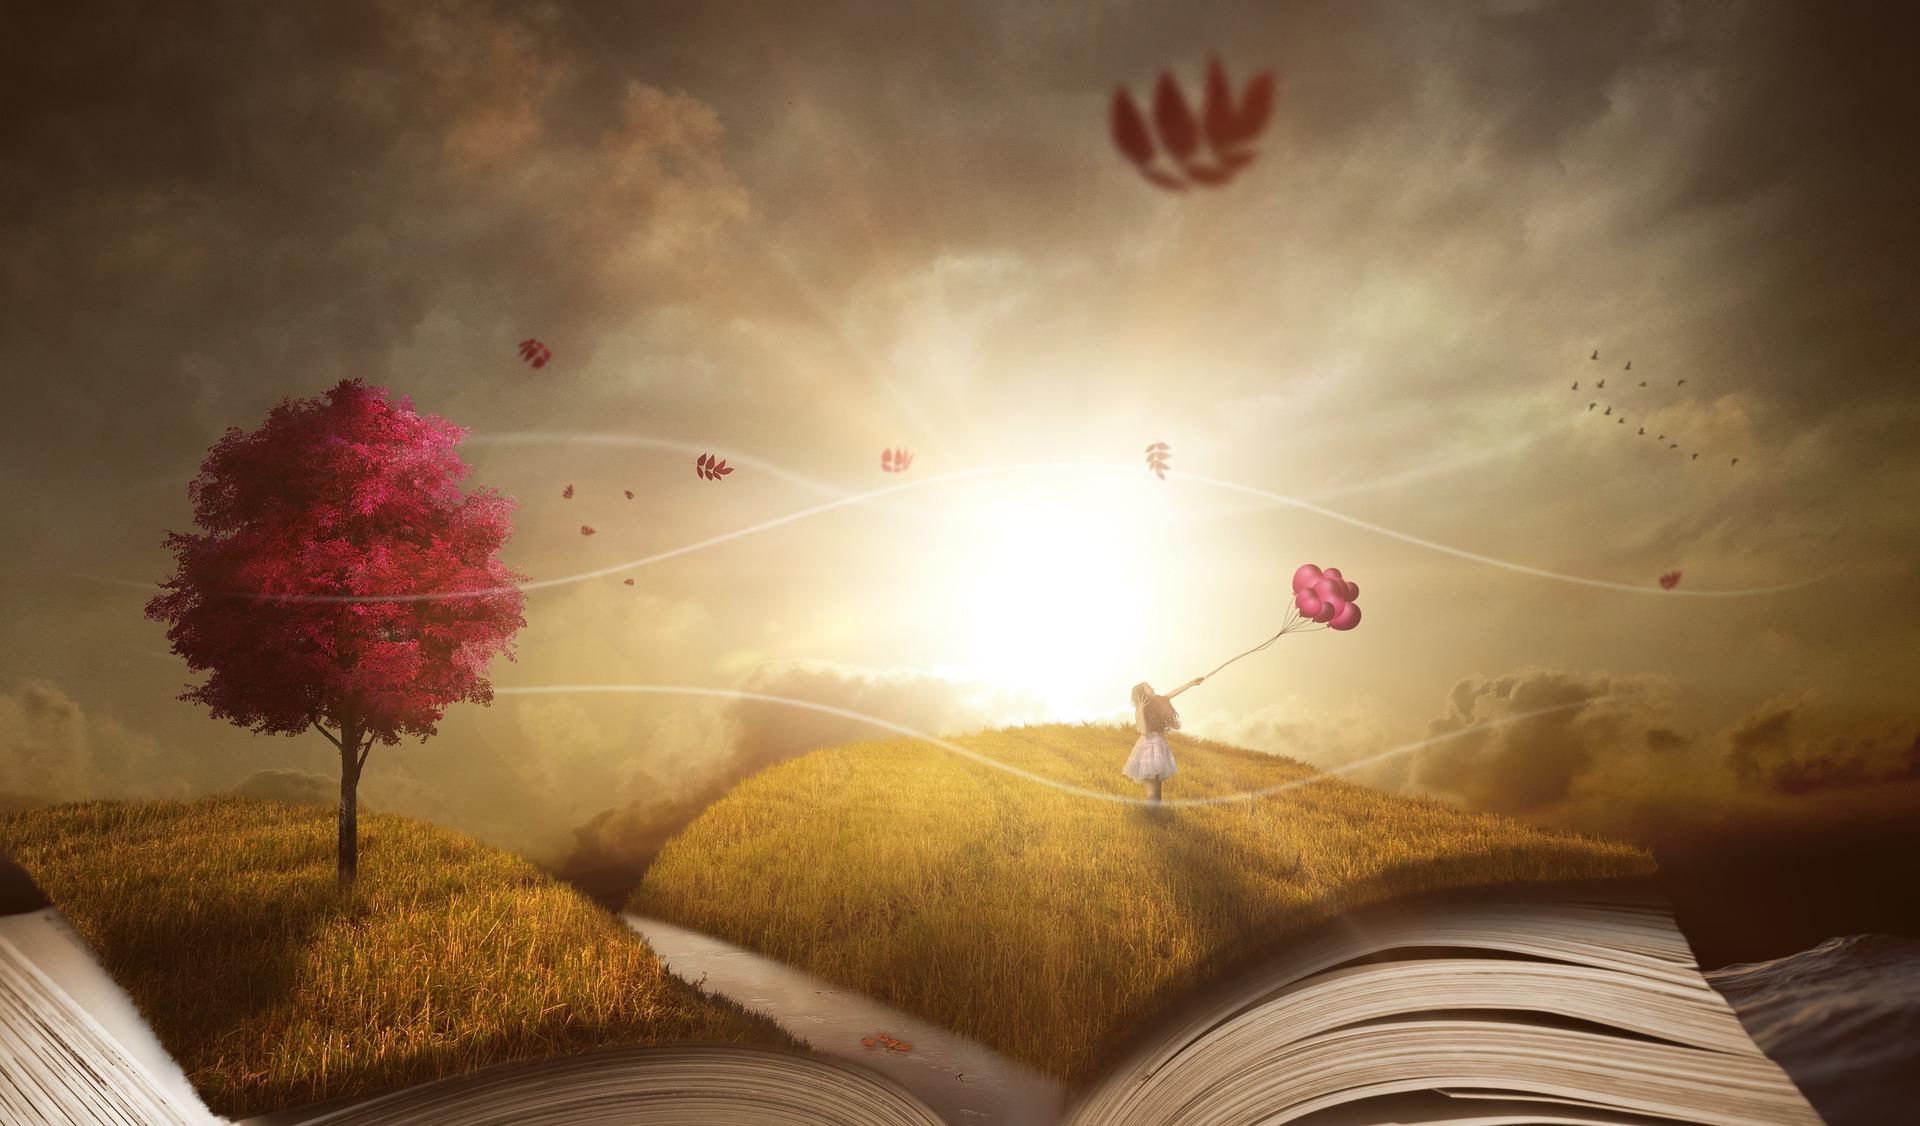 Wie du es schaffst deinem Leben eine neue Richtung zu geben